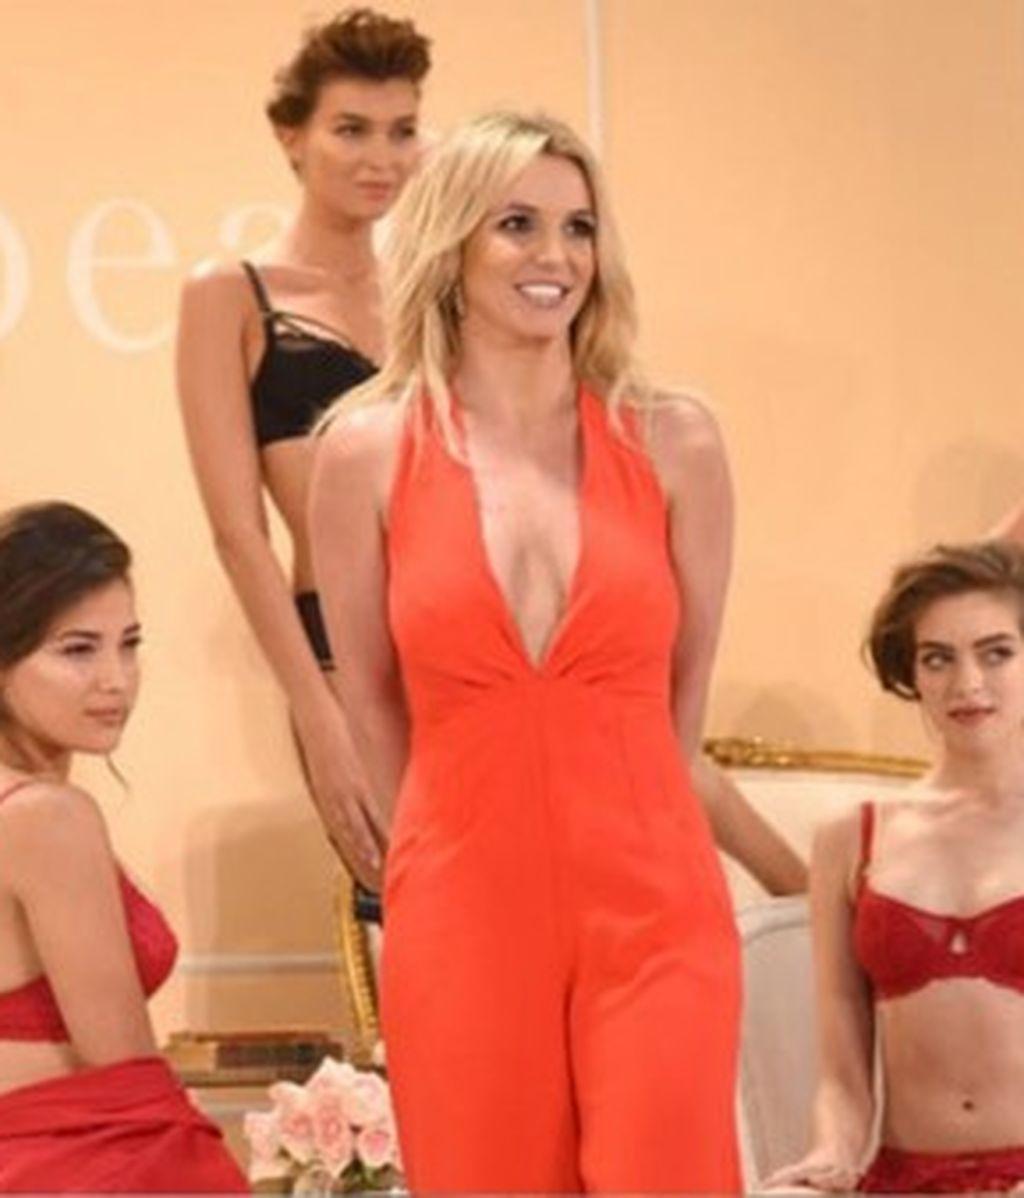 Momento diva Britney Spears: ¡28 segundos para presentar su colección de lencería!